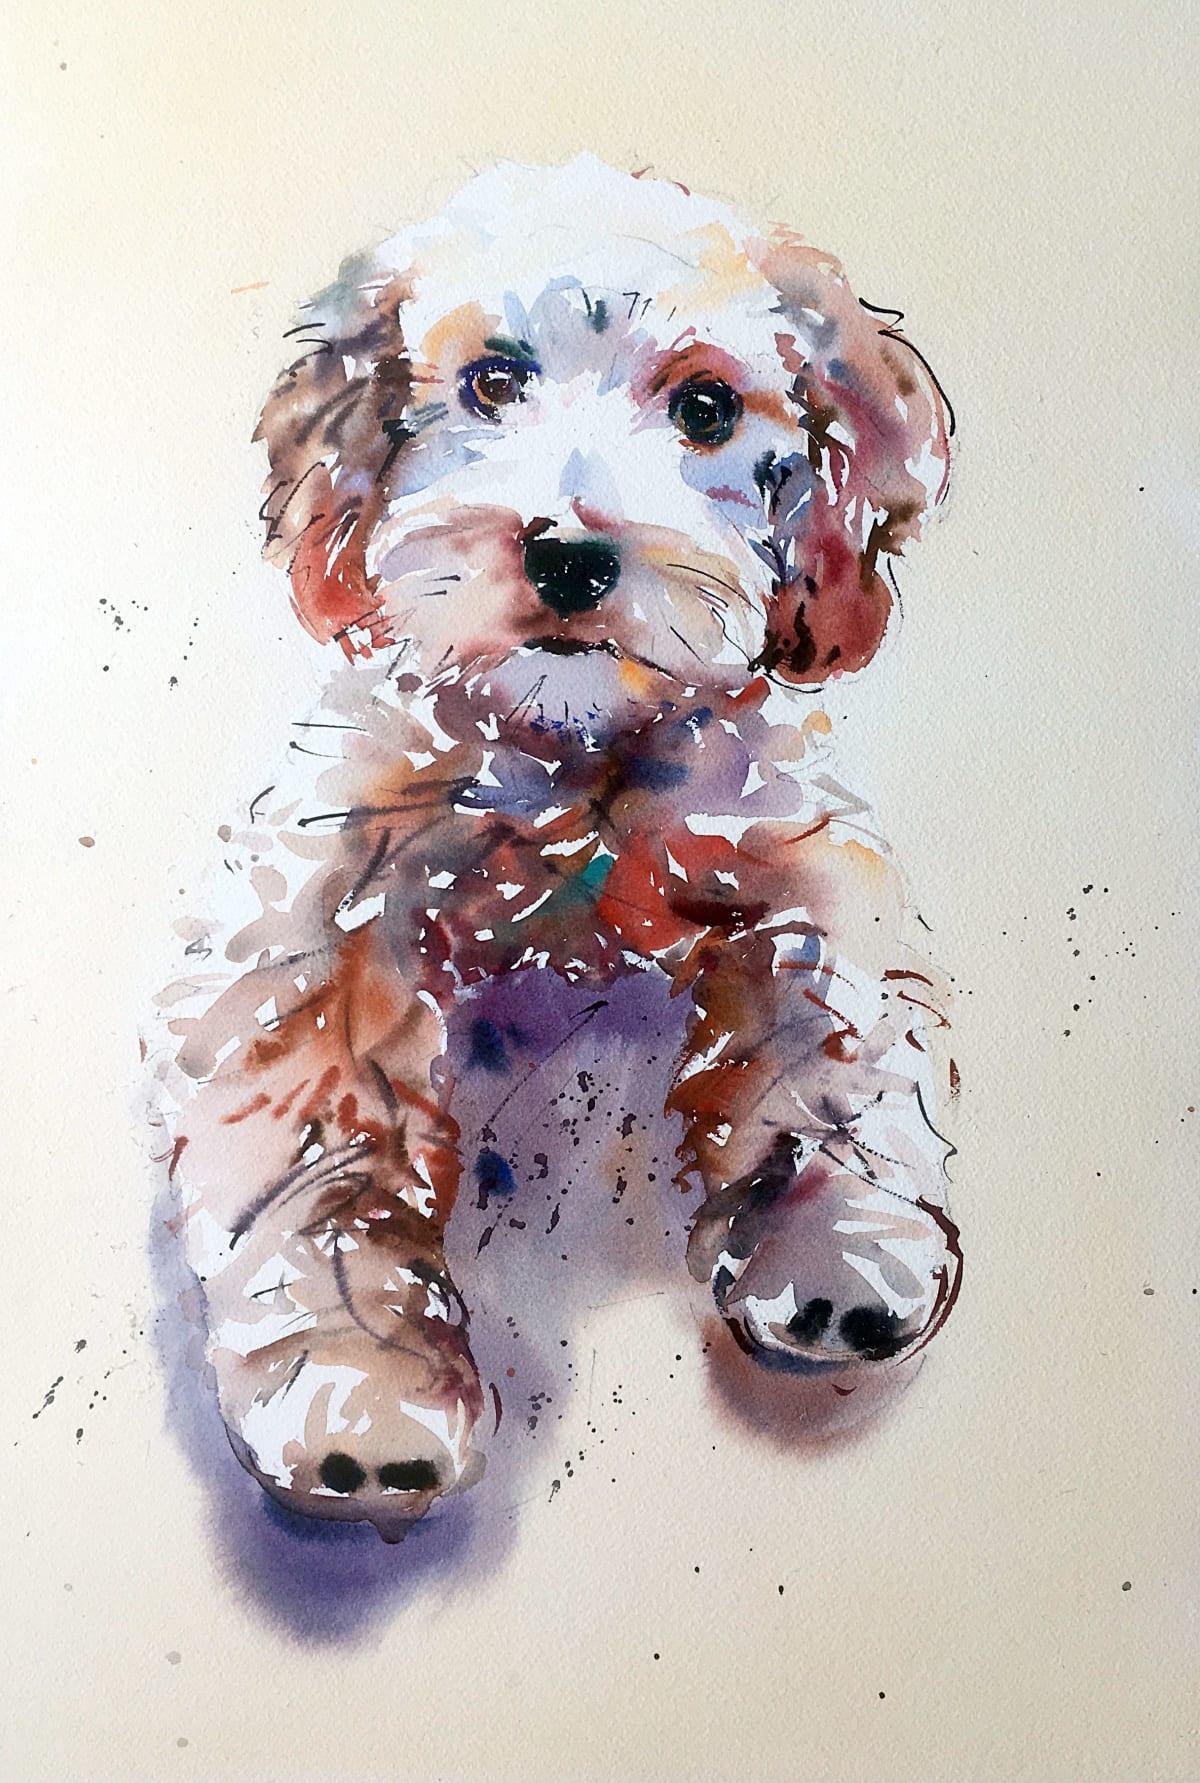 Jake Winkle CUTE COCKERPOO Watercolour 18 x 13 in 45.7 x 33 cm